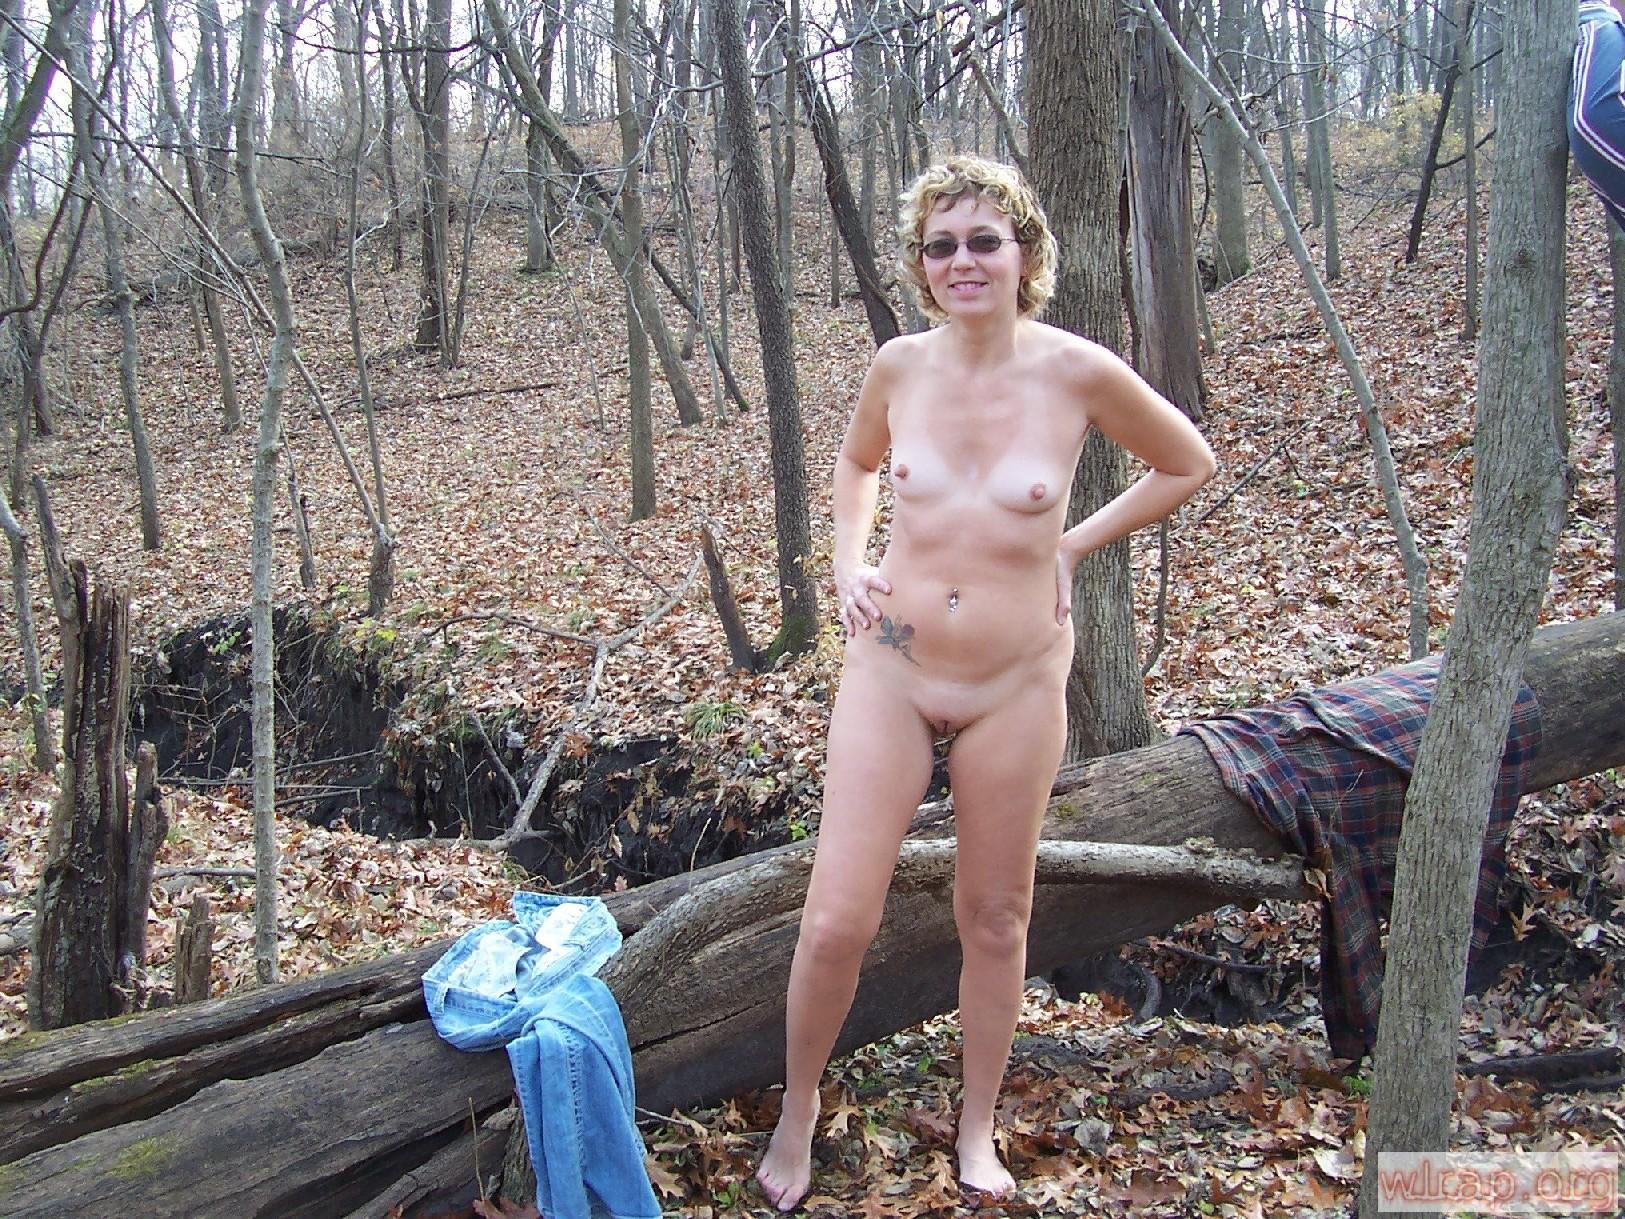 В общественном парке зрелая баба показывает свое рыхлое тело всем